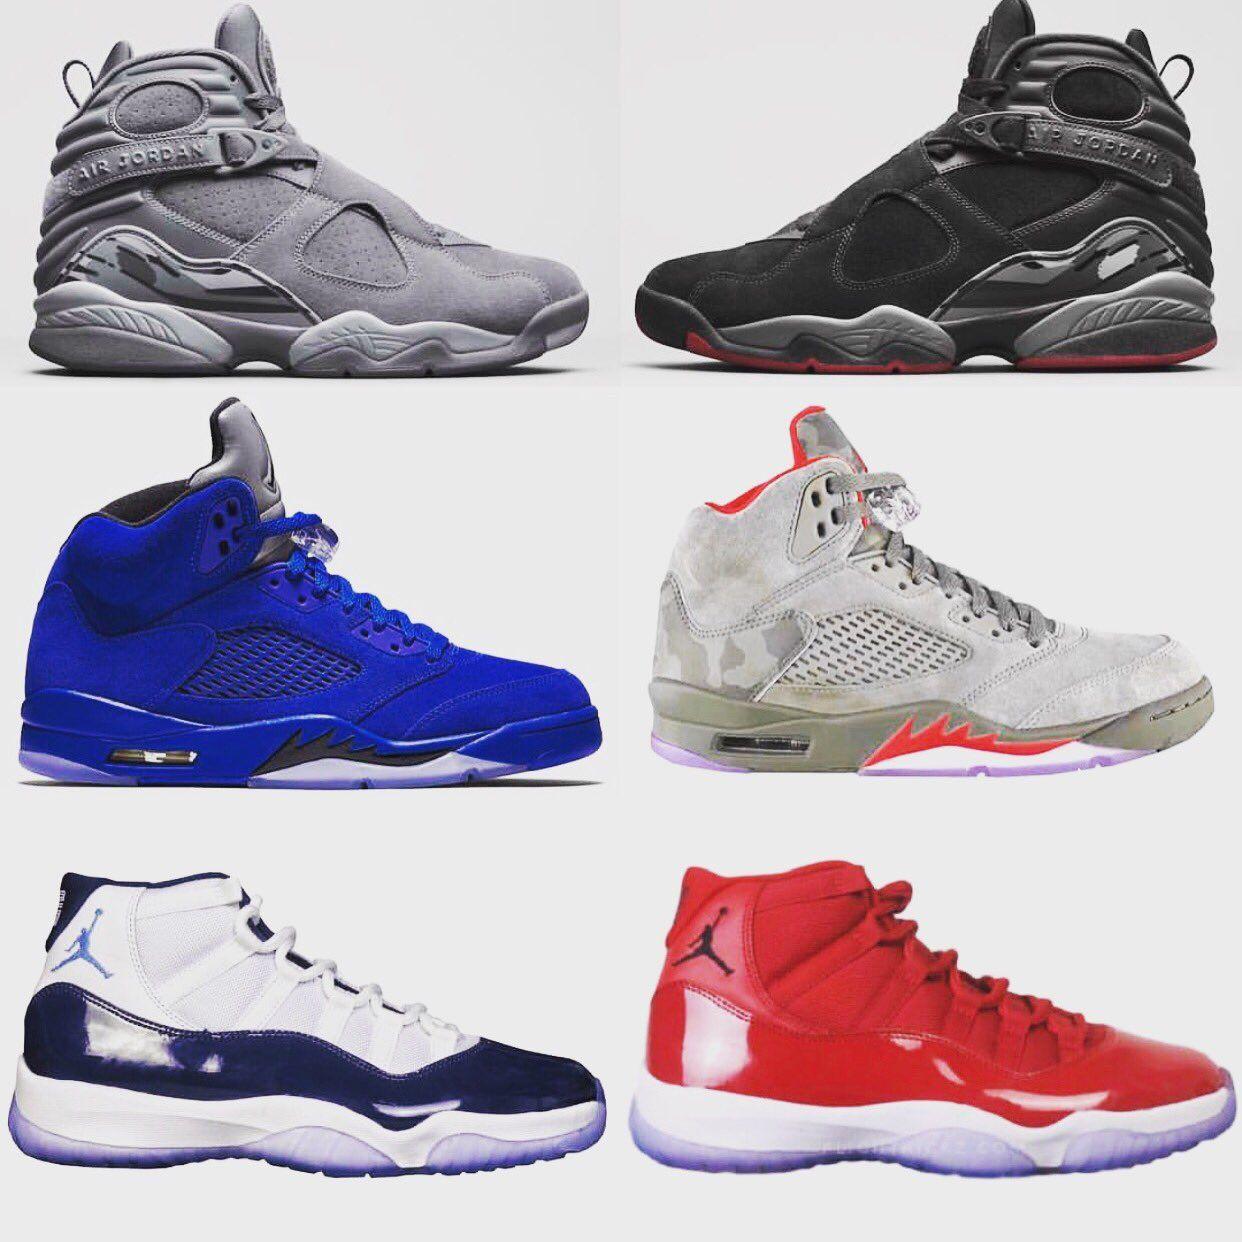 KixByEx on Sneakers nike, Jordans sneakers, Air jordans